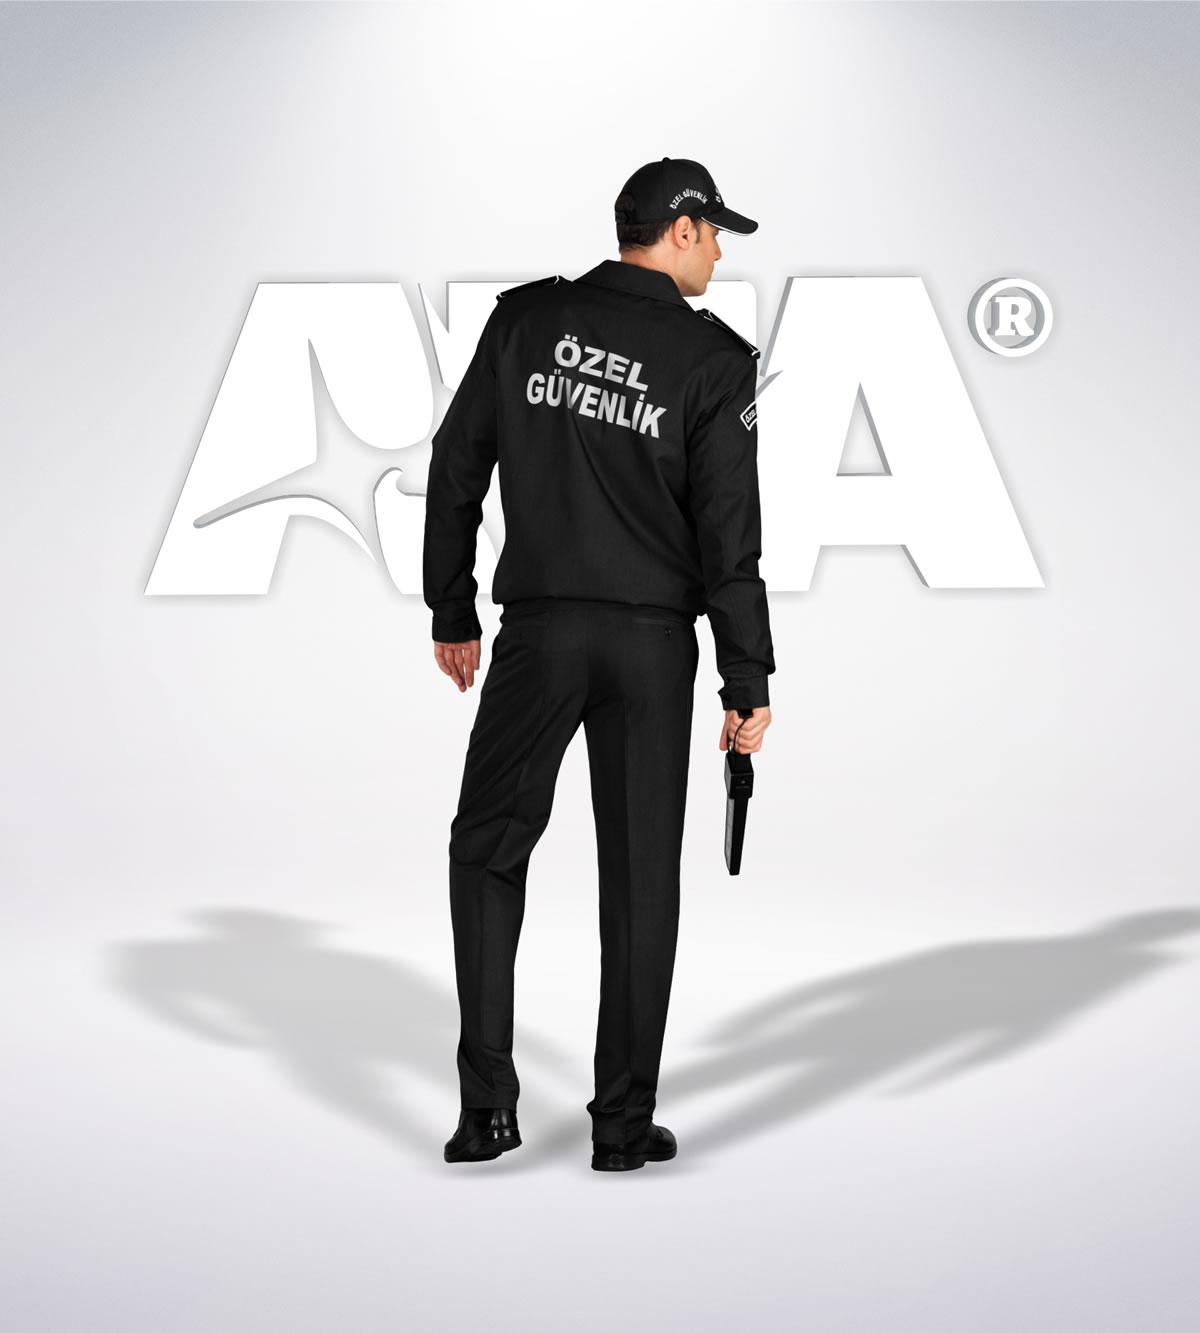 ATA 161 - arka - Pantolon kışlık - mont - aksesuar reflektör - güvenlik elbiseleri | güvenlik üniformaları | güvenlik kıyafetleri